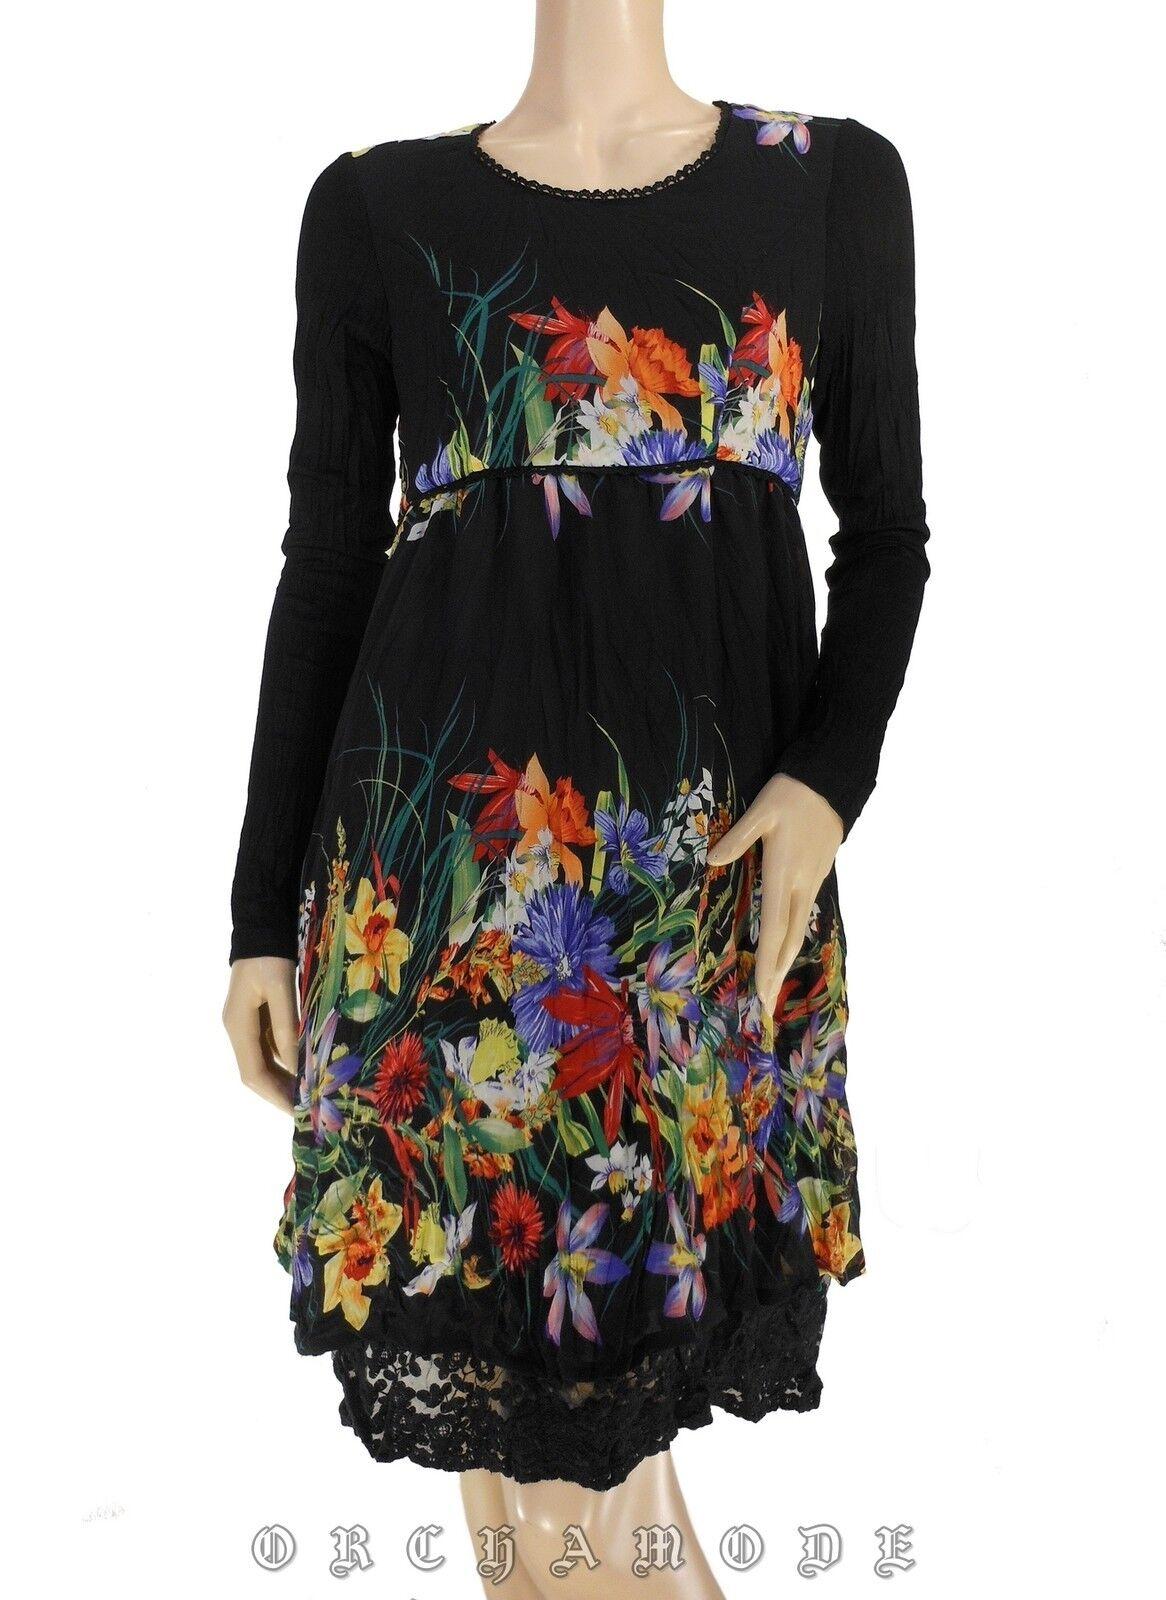 Robe MY DESIGN T 42 XL 4 schwarz + Floral Volant Dentelle Tunique NEUF Dress Kleid